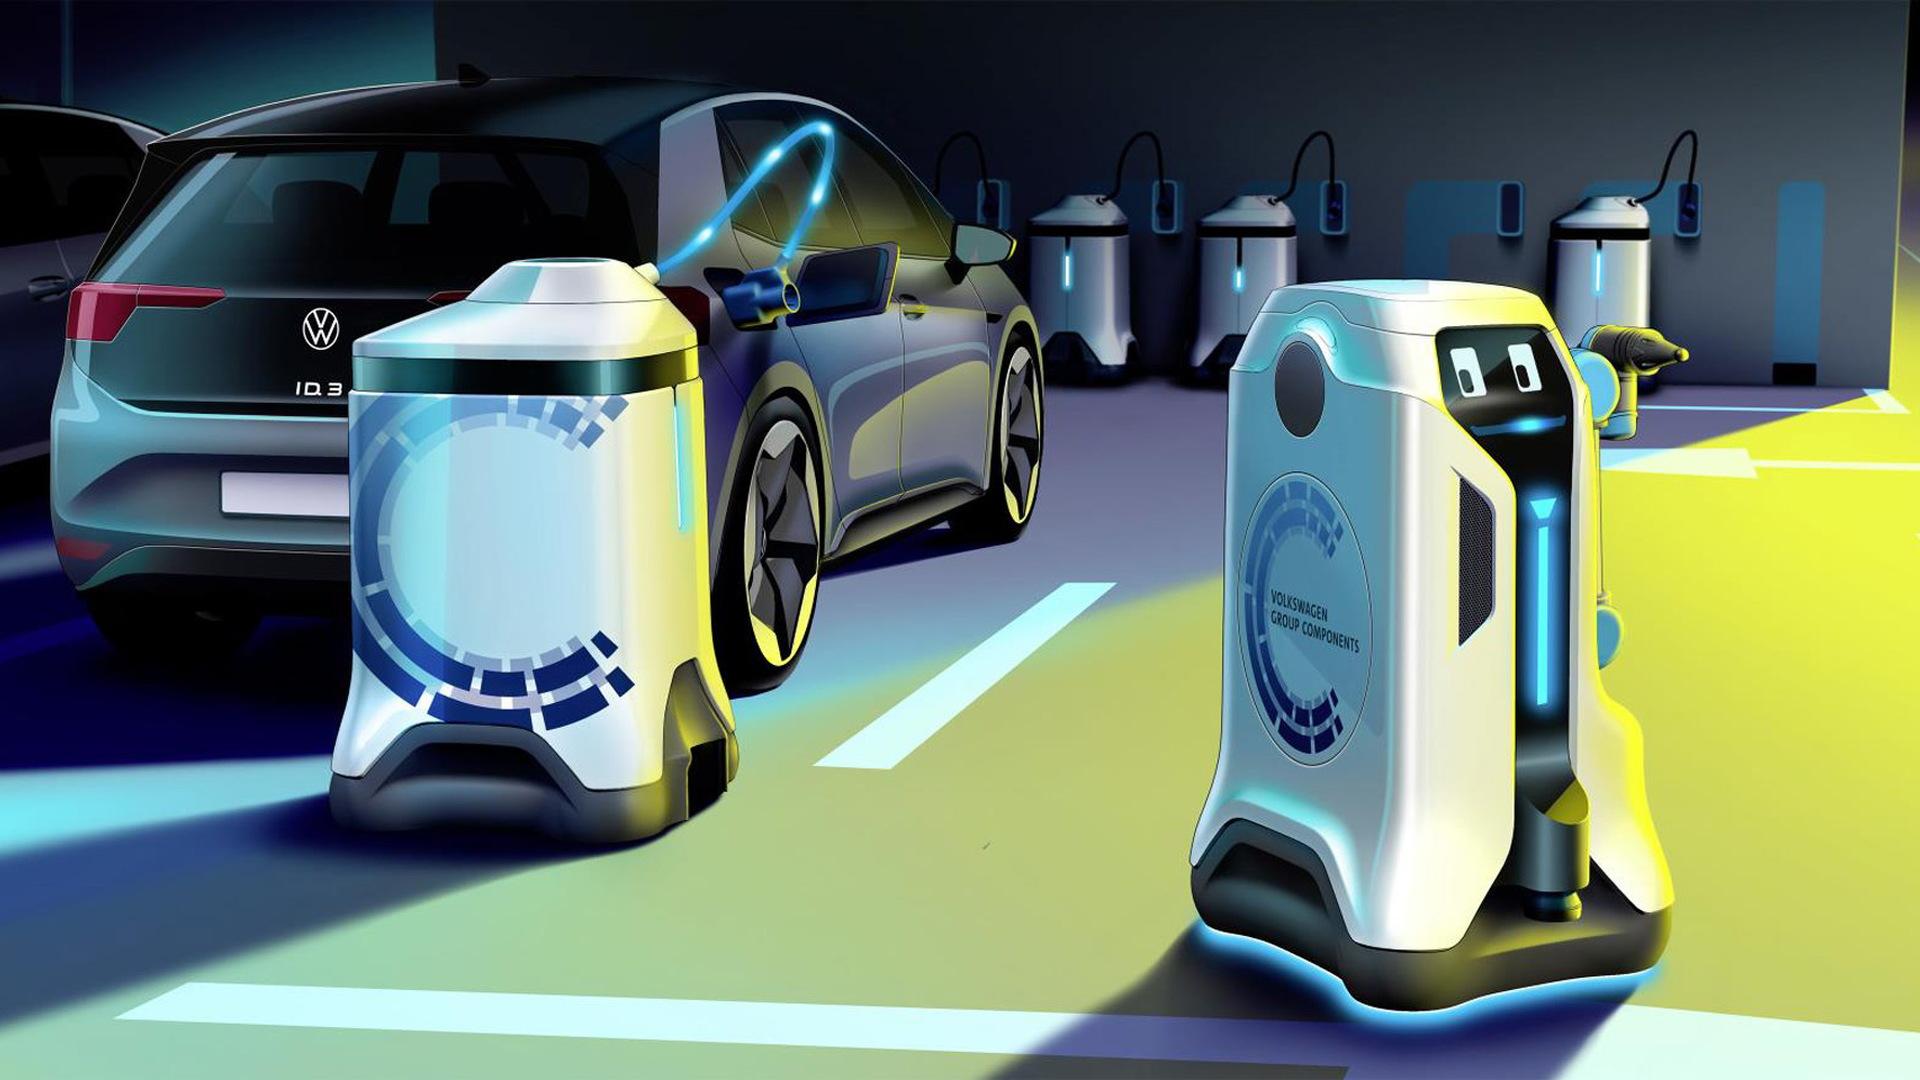 Volkswagen mobile robot charging concept